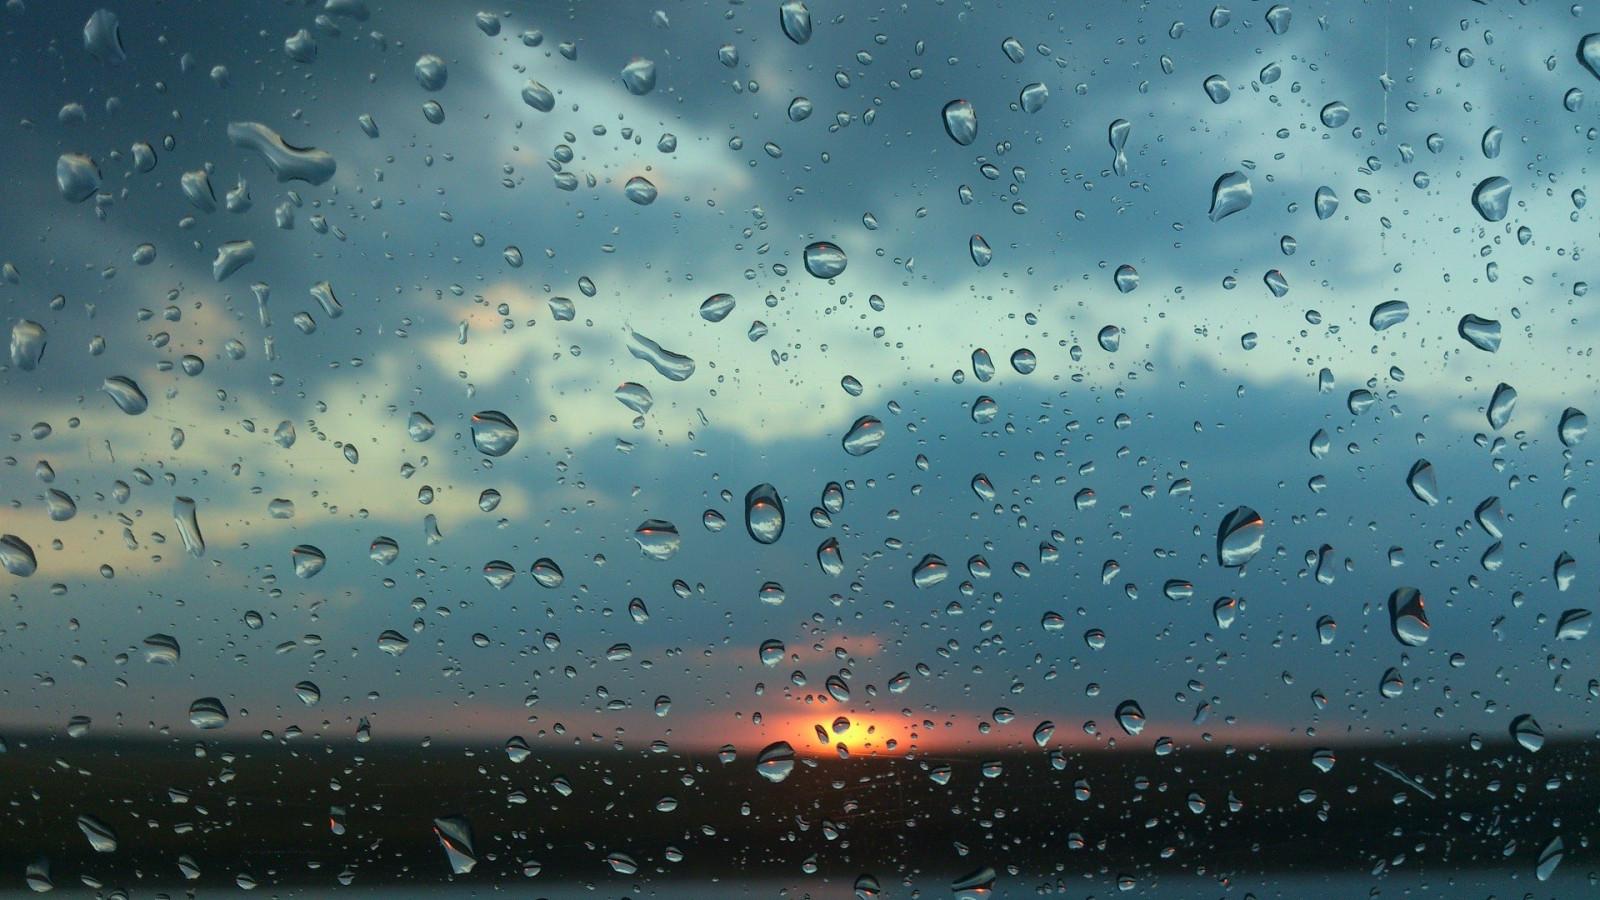 Открытка днем, картинка дождя на стекле